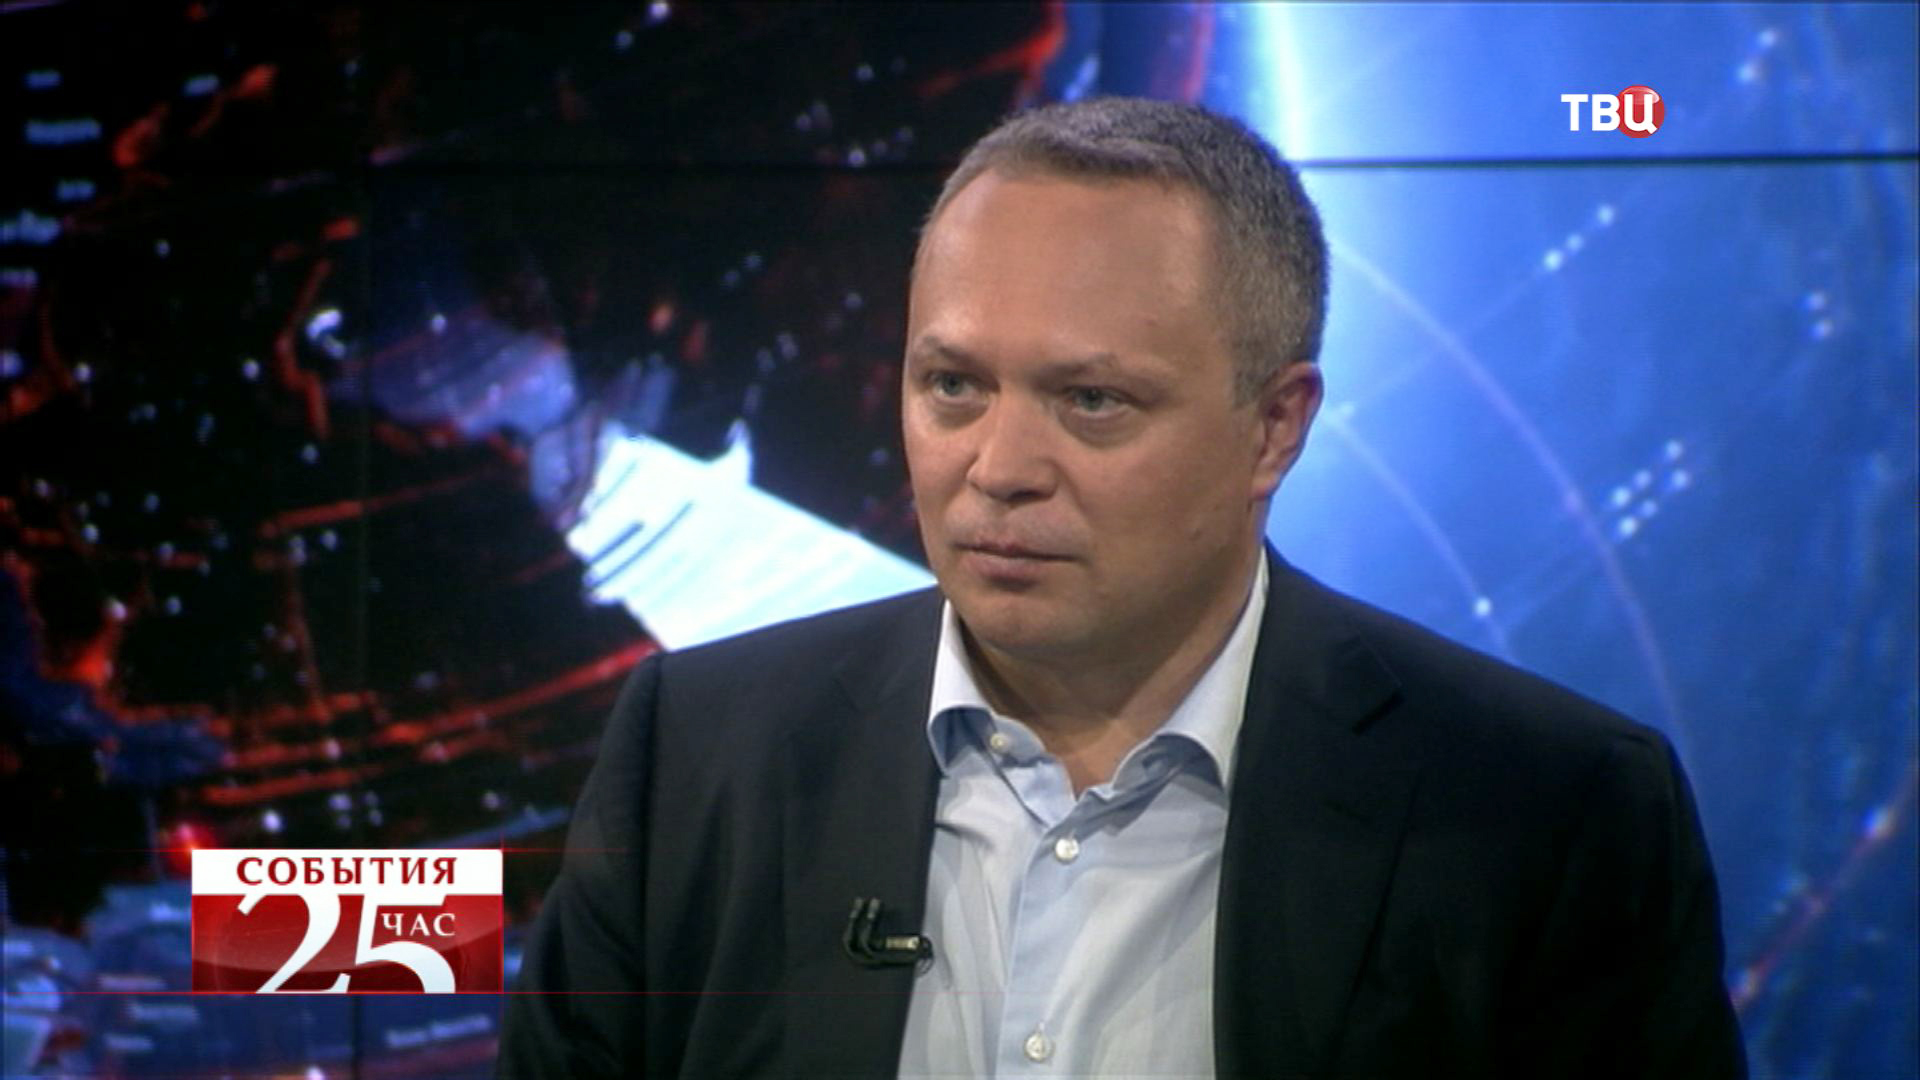 Константин Костин, председатель правления Фонда развития гражданского общества